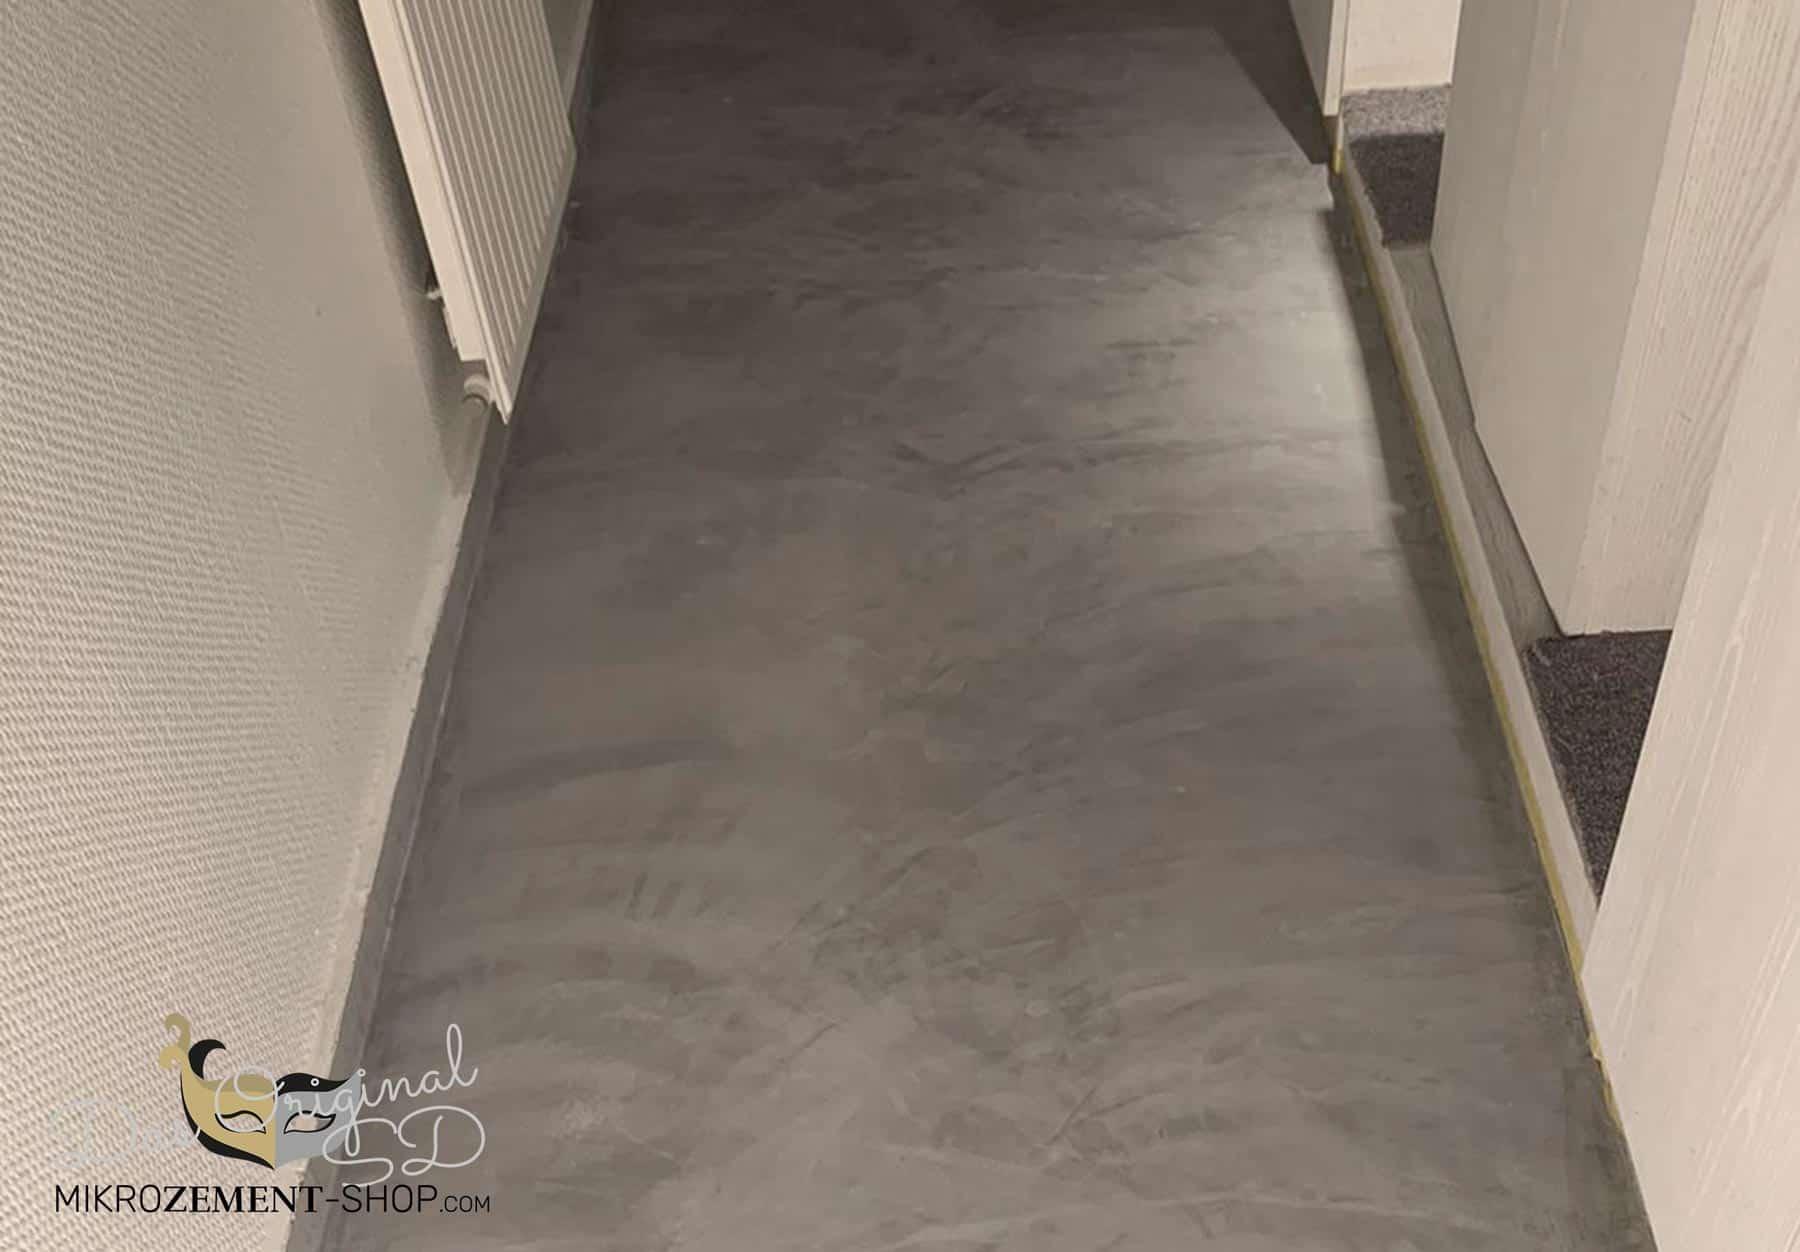 Mikrozement auf dem Boden